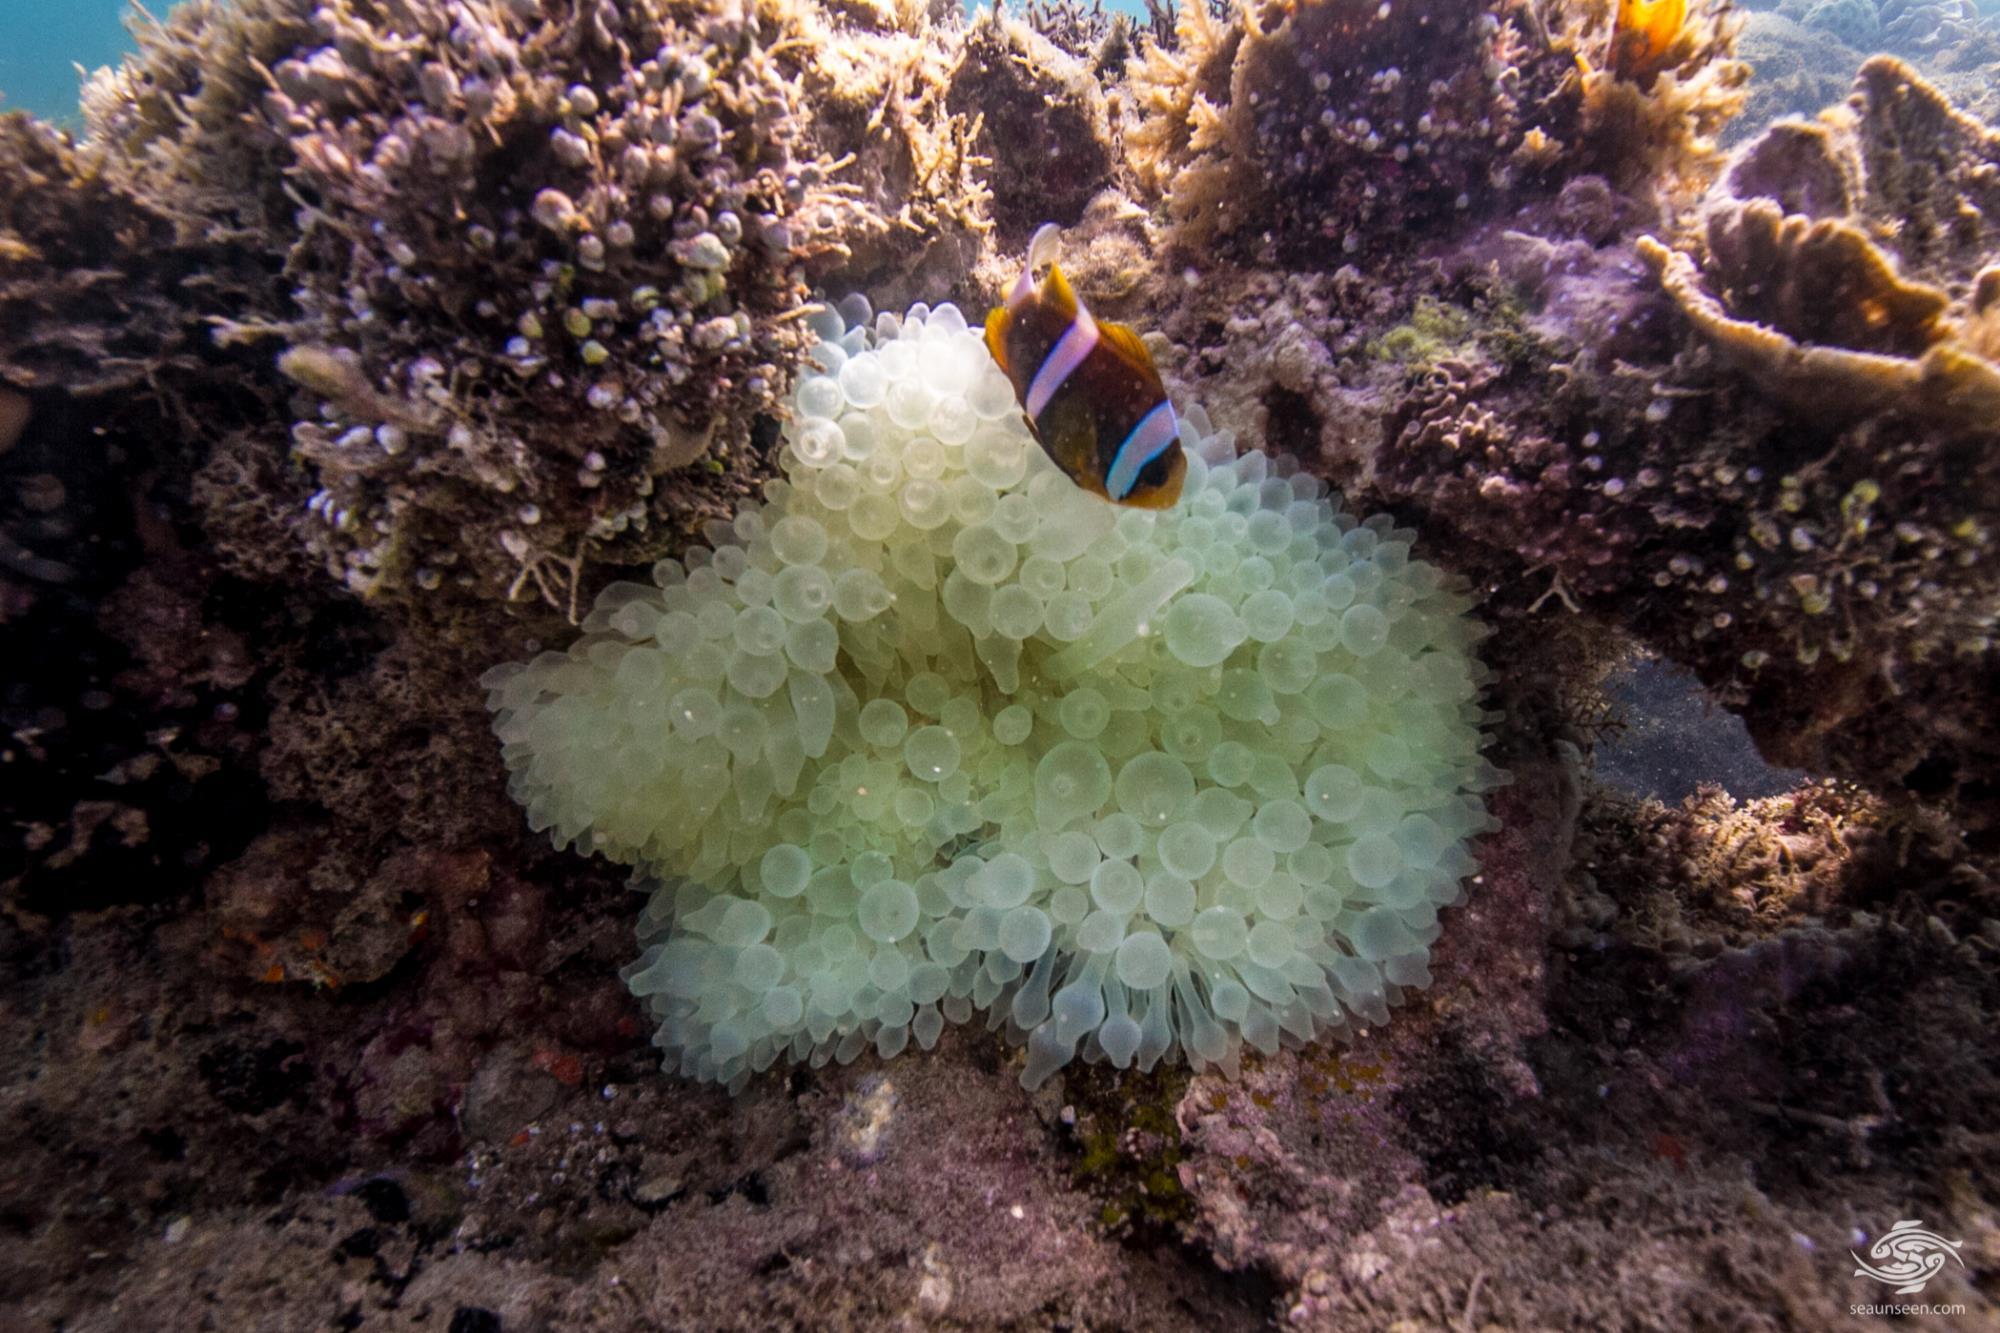 Bleached Bubble Tip Anemone (entacmaea quadricolor)